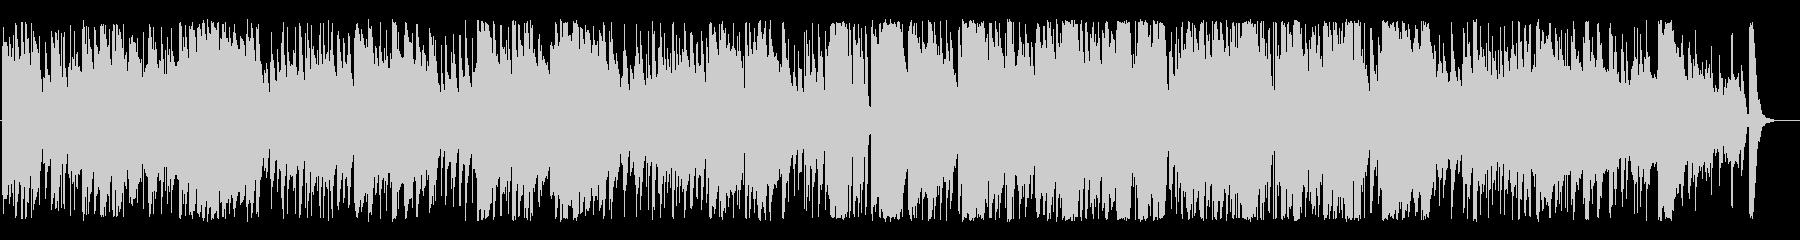 きらきら星(sax)の未再生の波形